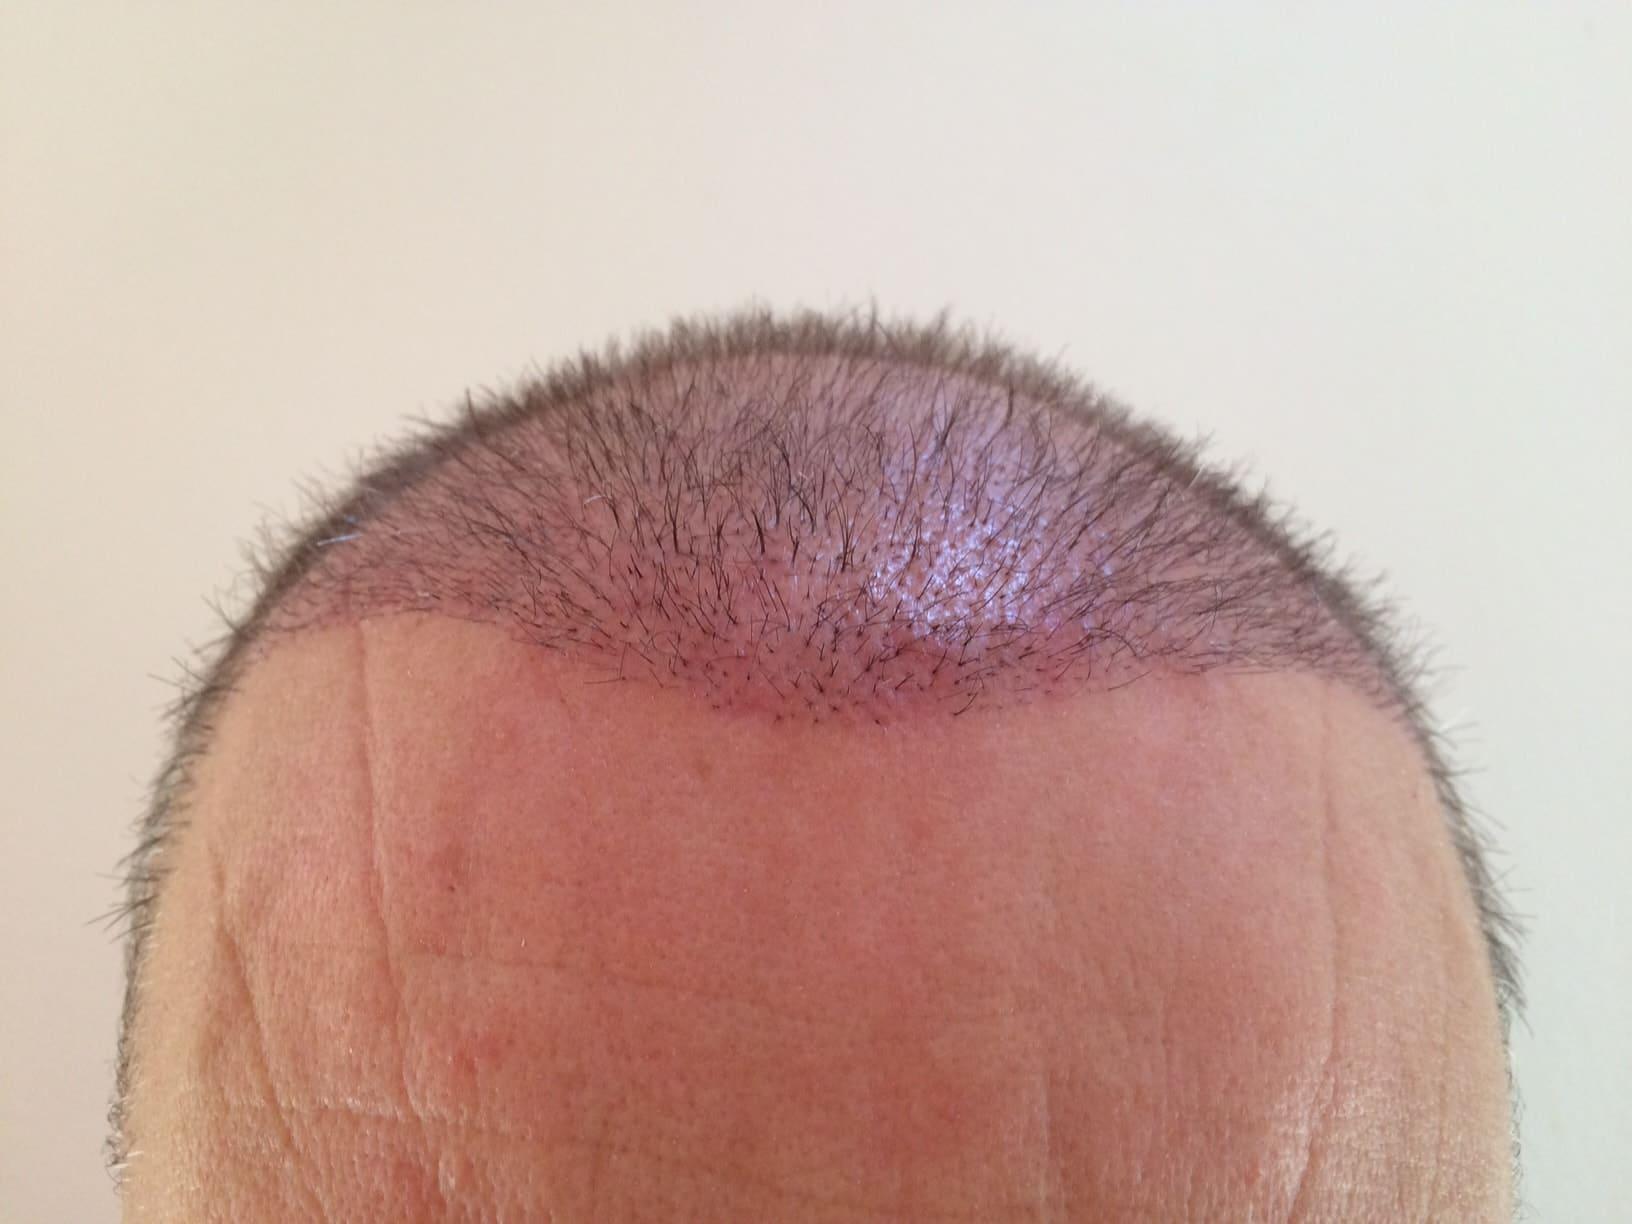 hair-transplantation-3-weeks